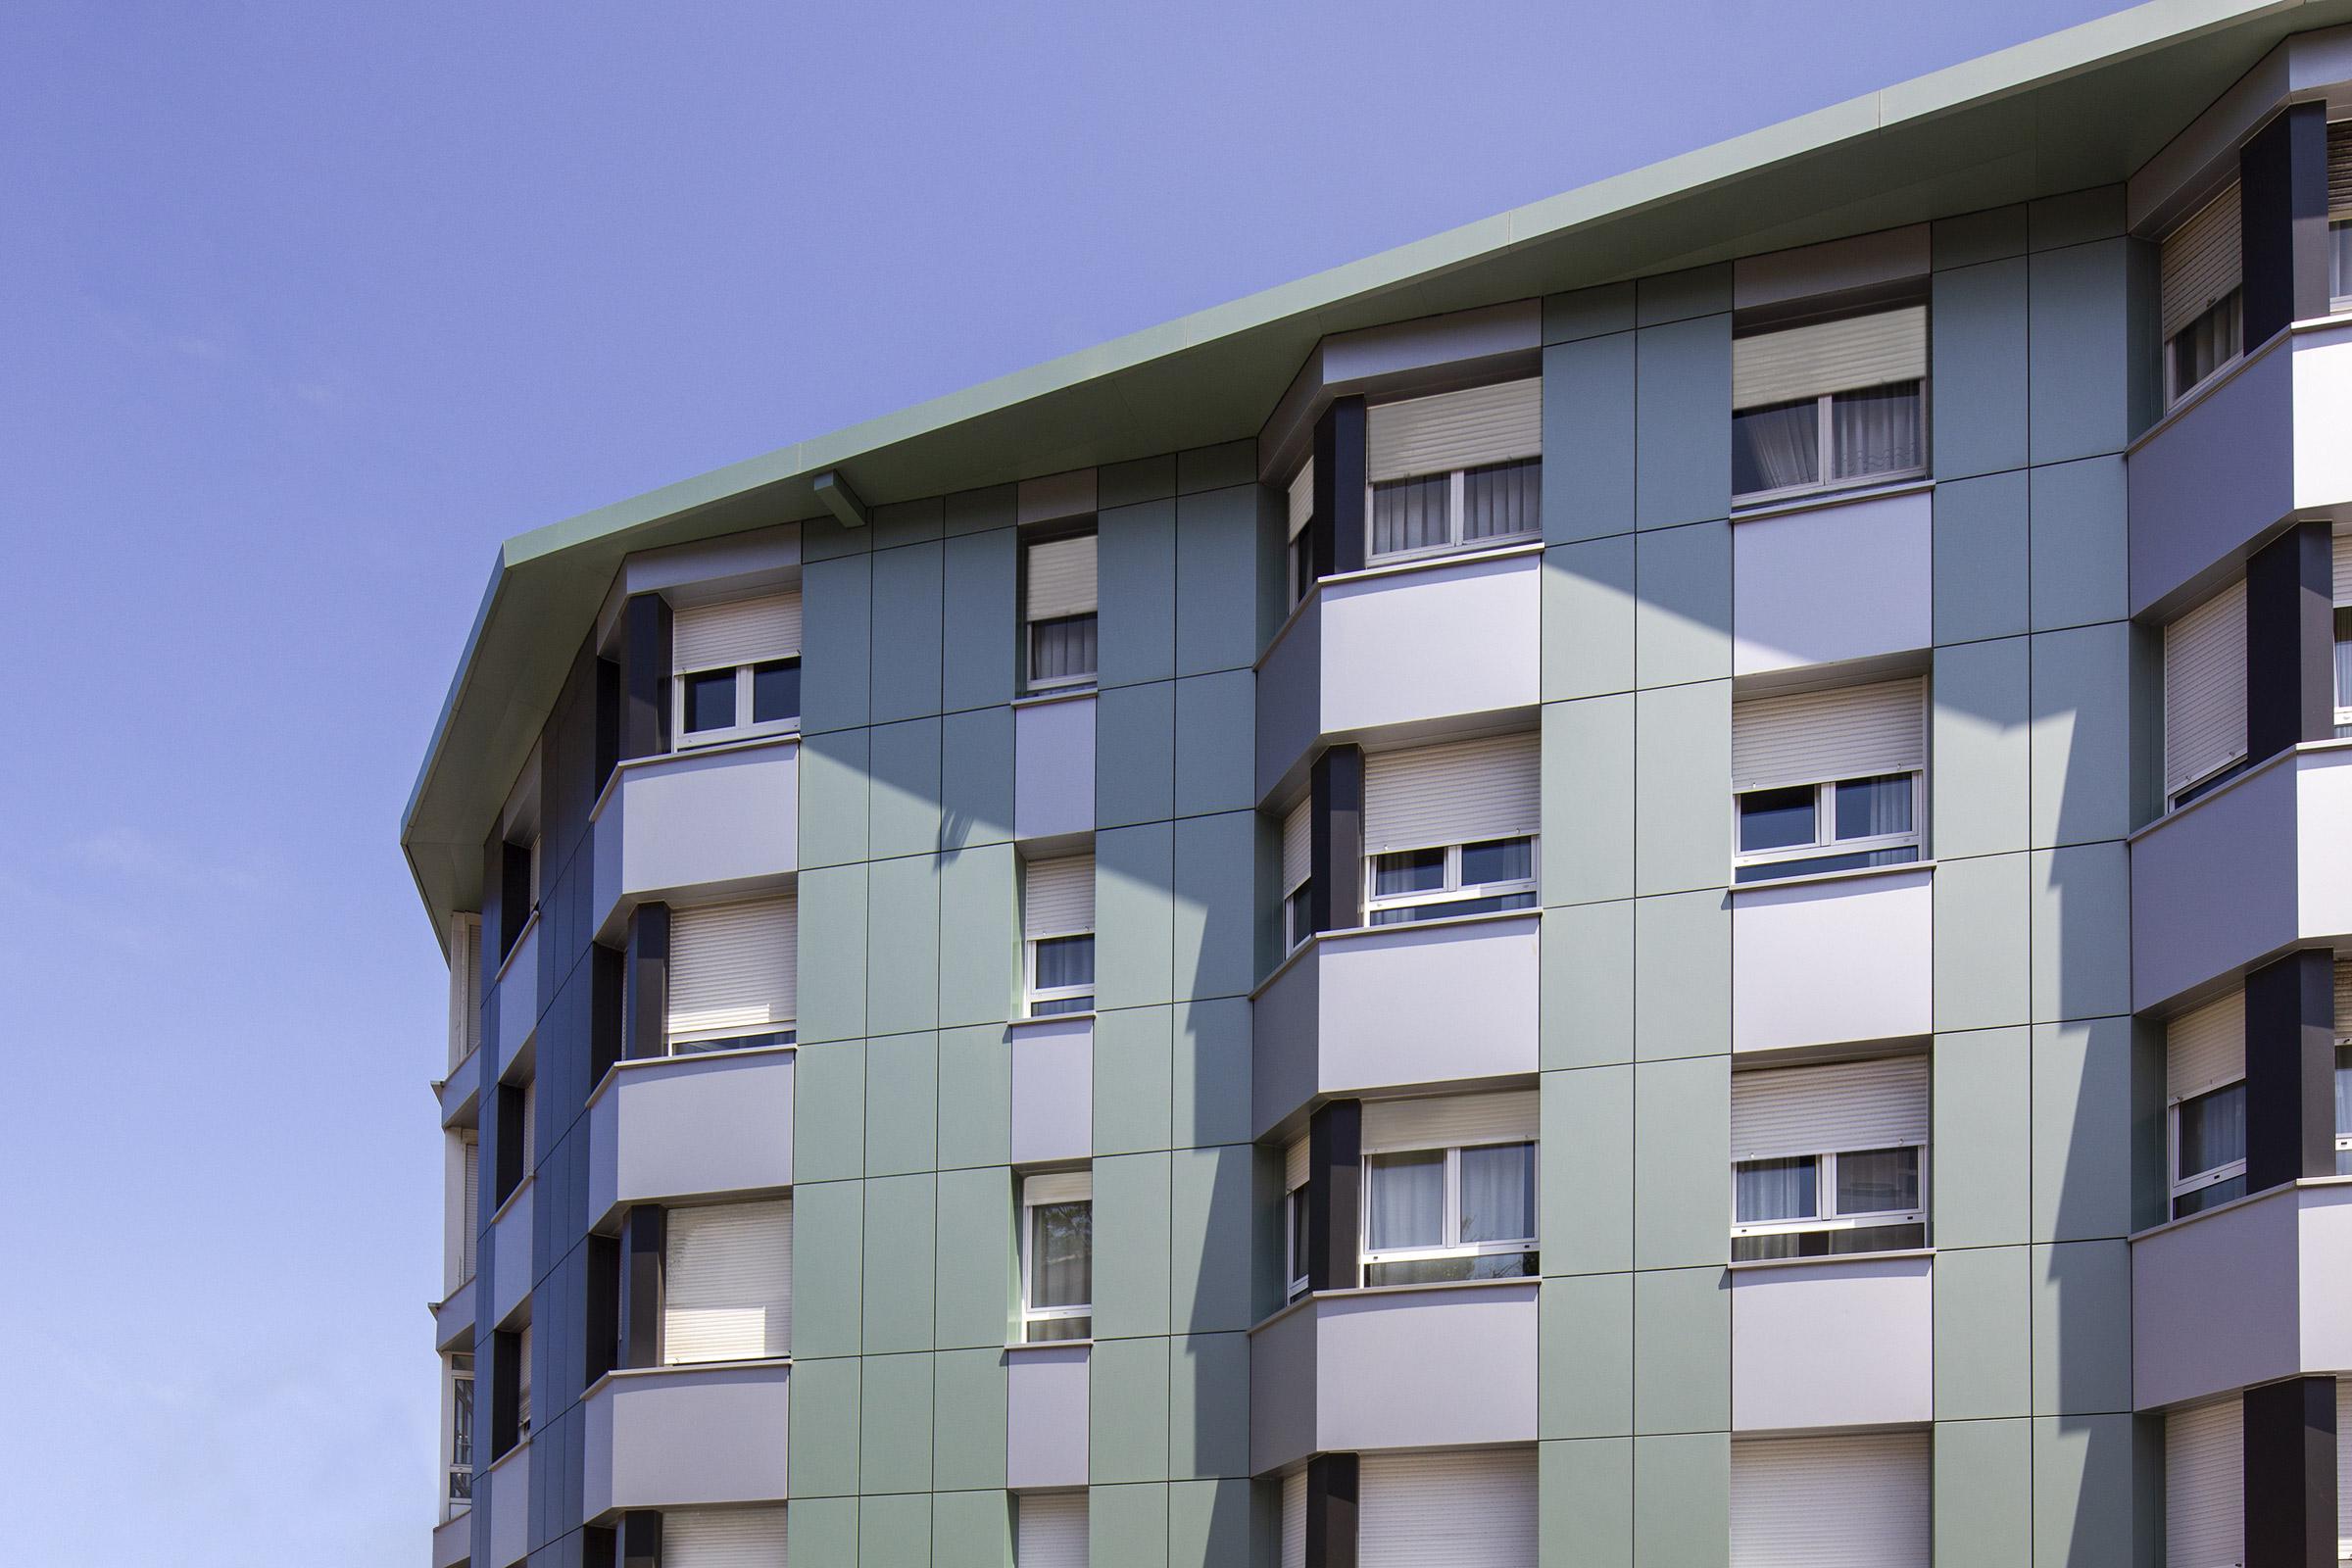 edificio-residencial-ribadesella-STB-410